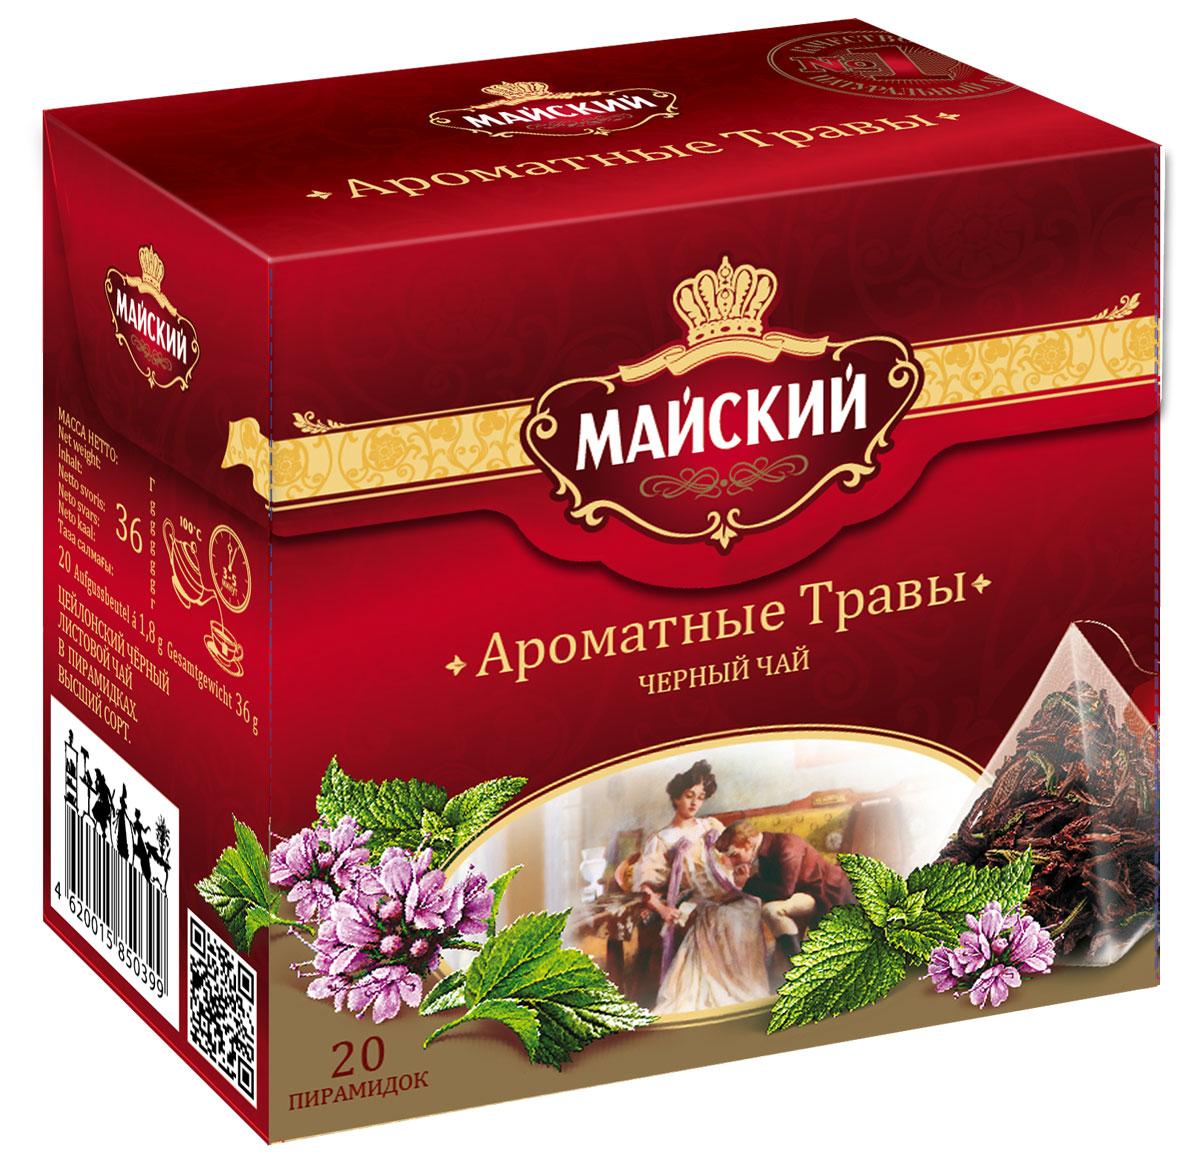 Майский Ароматные травы черный чай в пирамидках, 20 шт и майский б шоу и другие воспоминания